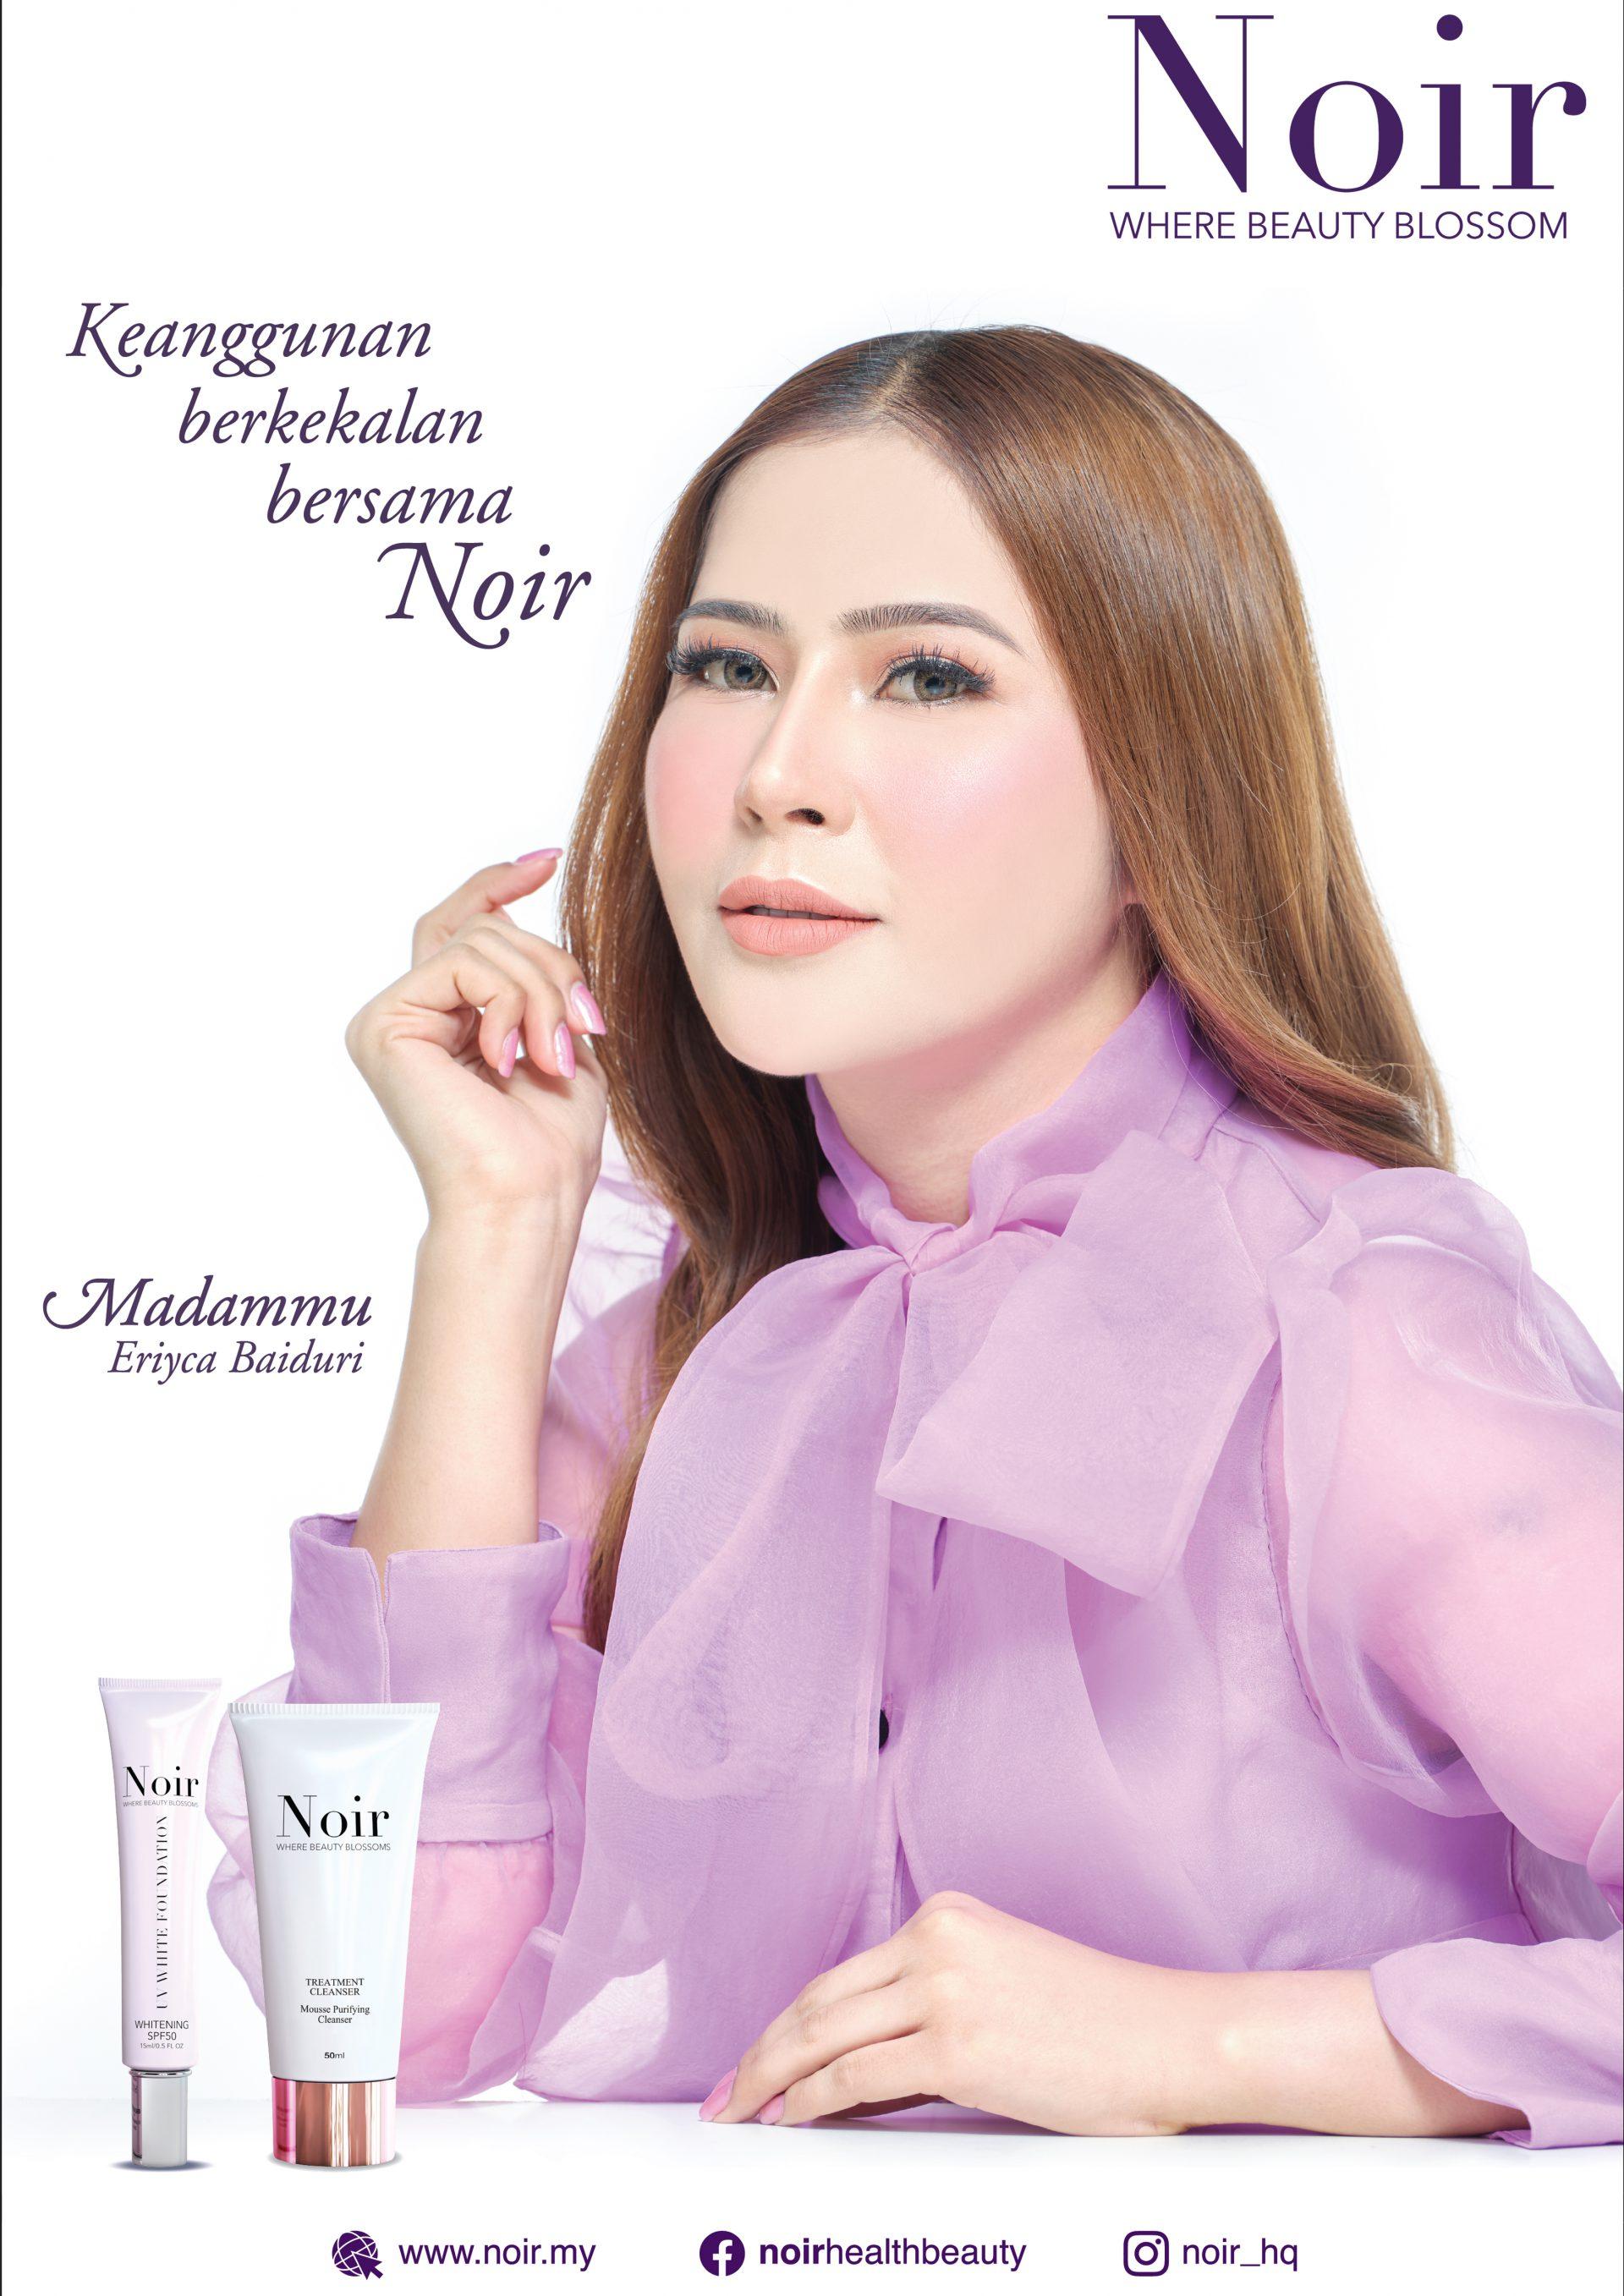 Noir Mahu Jadi Jenama Inspirasi Buat Wanita Produk Premium Jadi